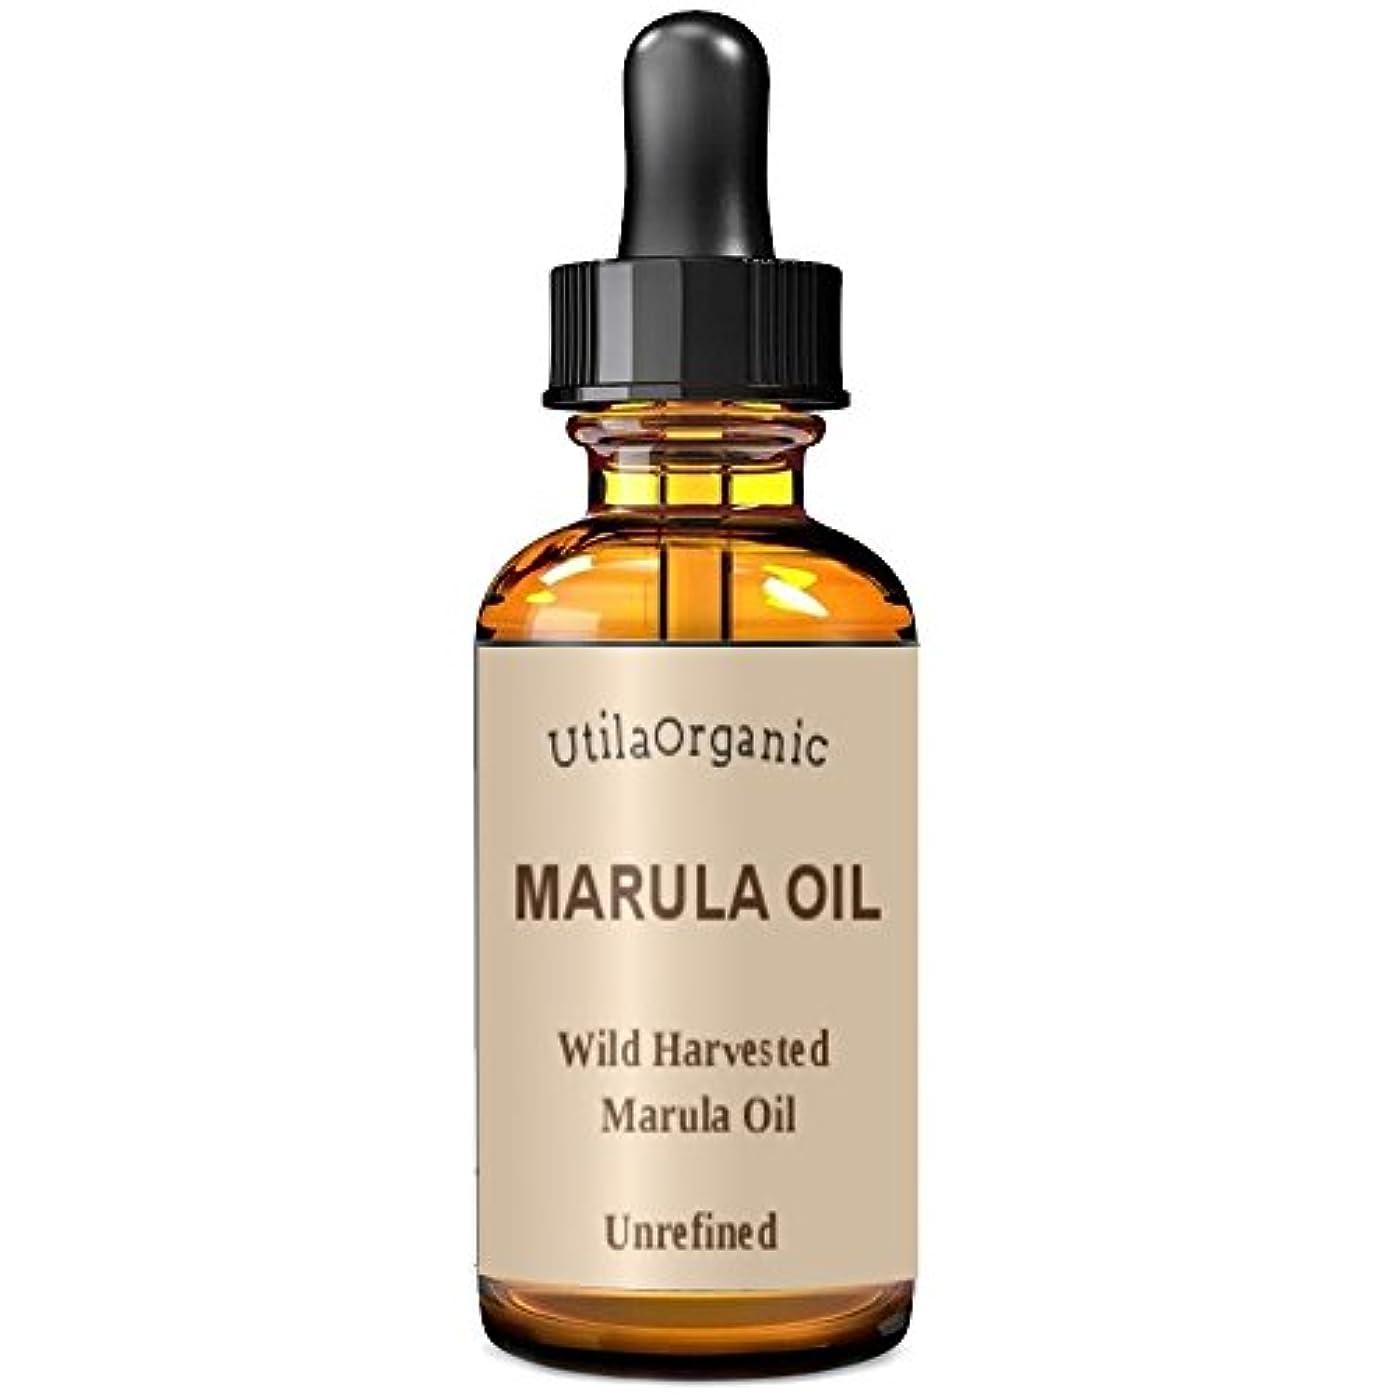 残る有毒なミニチュア未精製 マルラオイル 60ml Marula Oil 100% pure and natural 【並行輸入品】